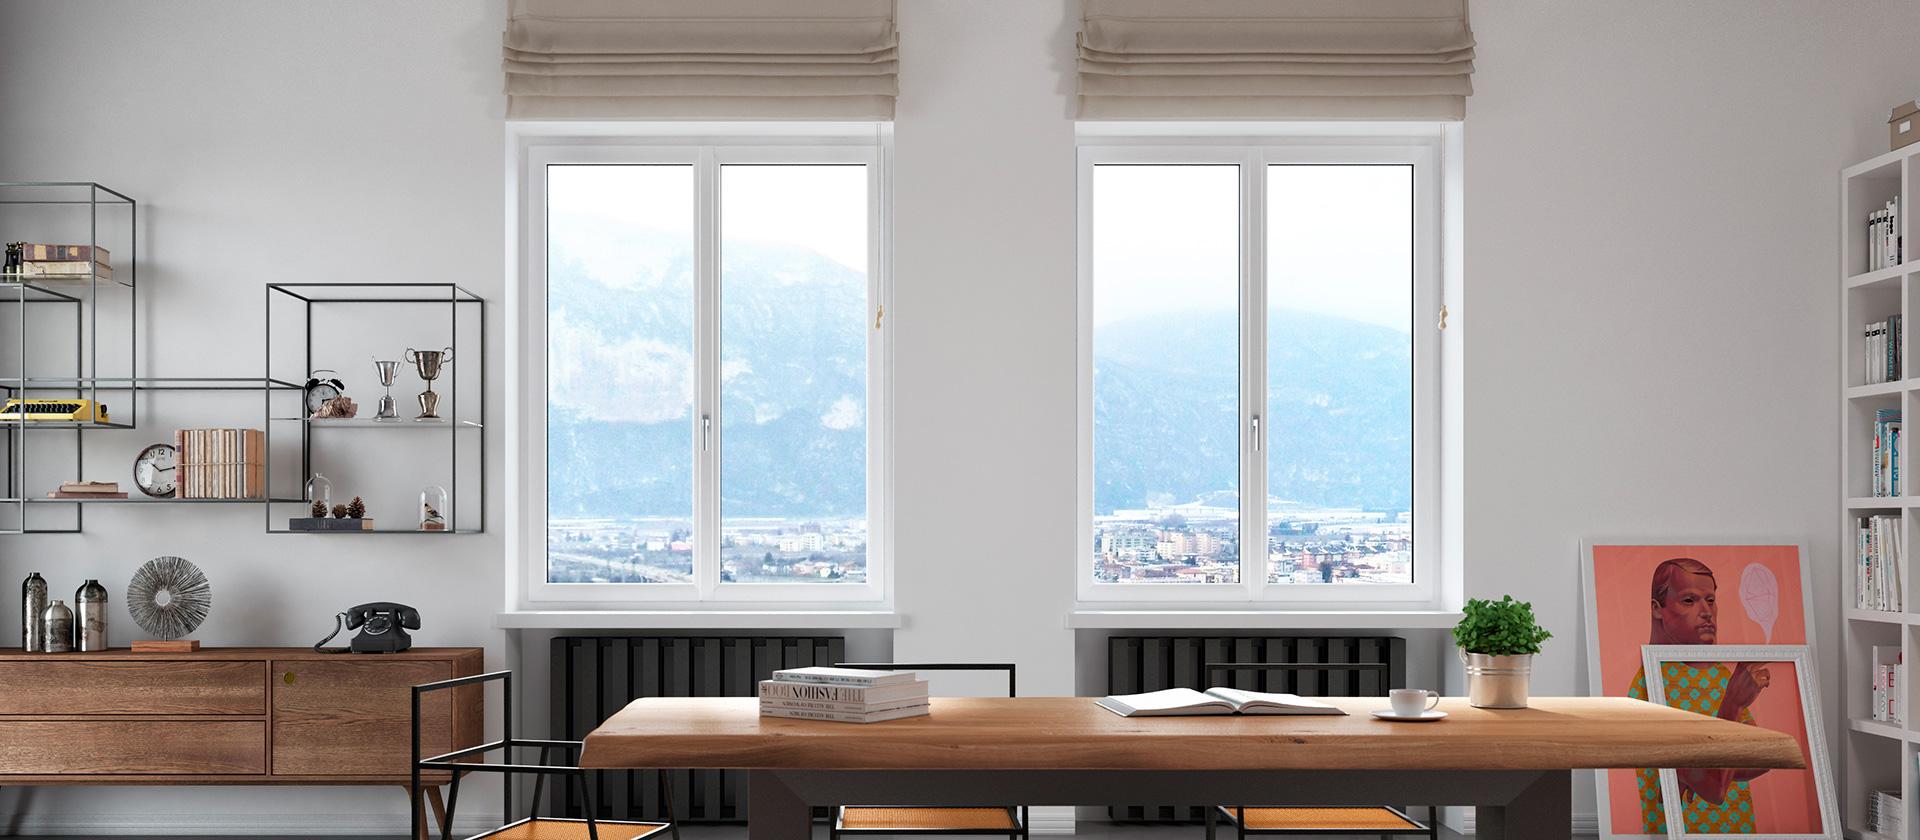 Mit Grande Classic Fenstern von Montage Schüll bekommen Sie mehr Licht in Ihren Wohnraum